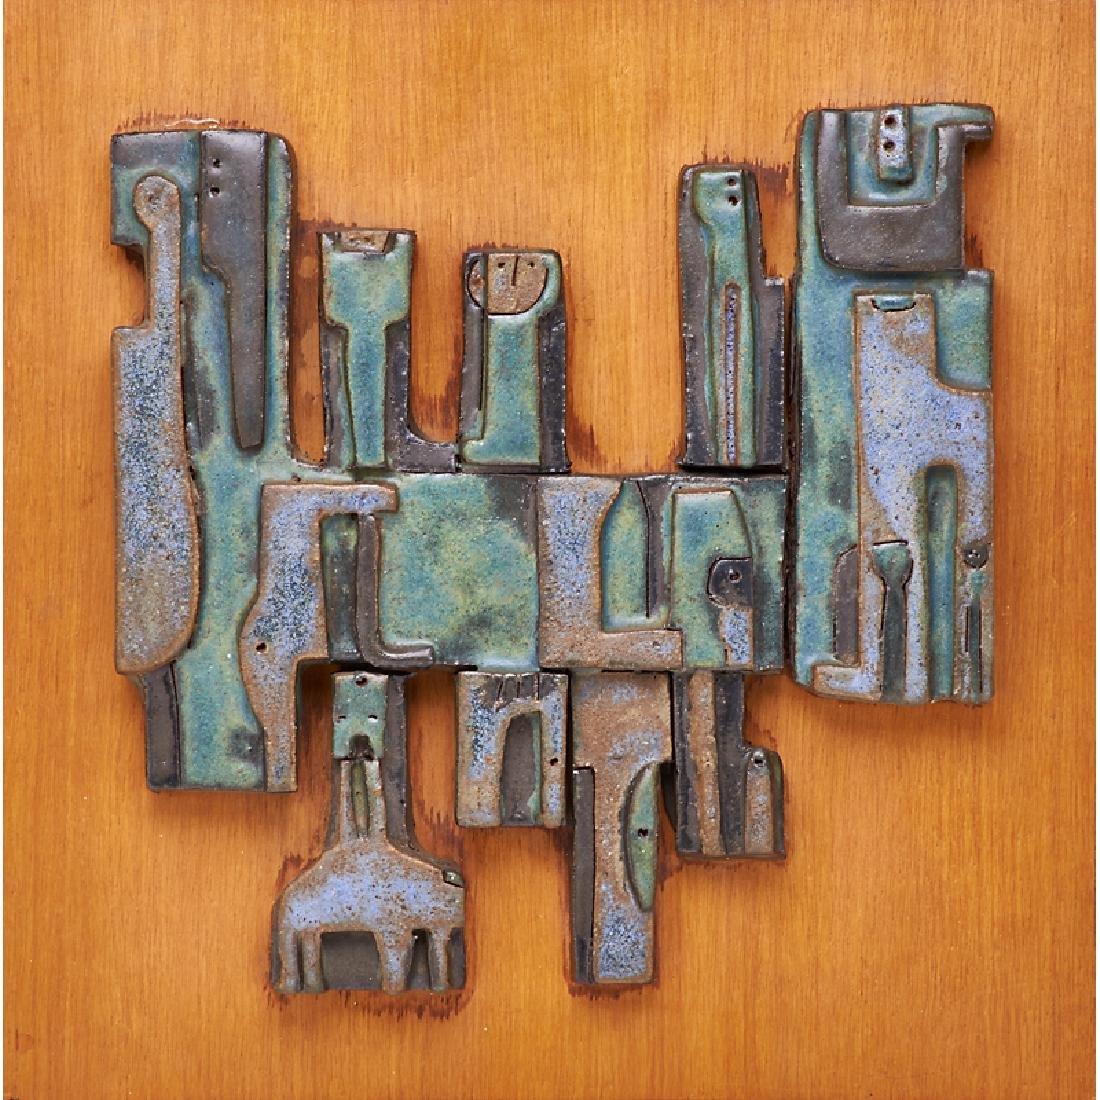 BEATE KUHN (German, 1927-2015) - 2